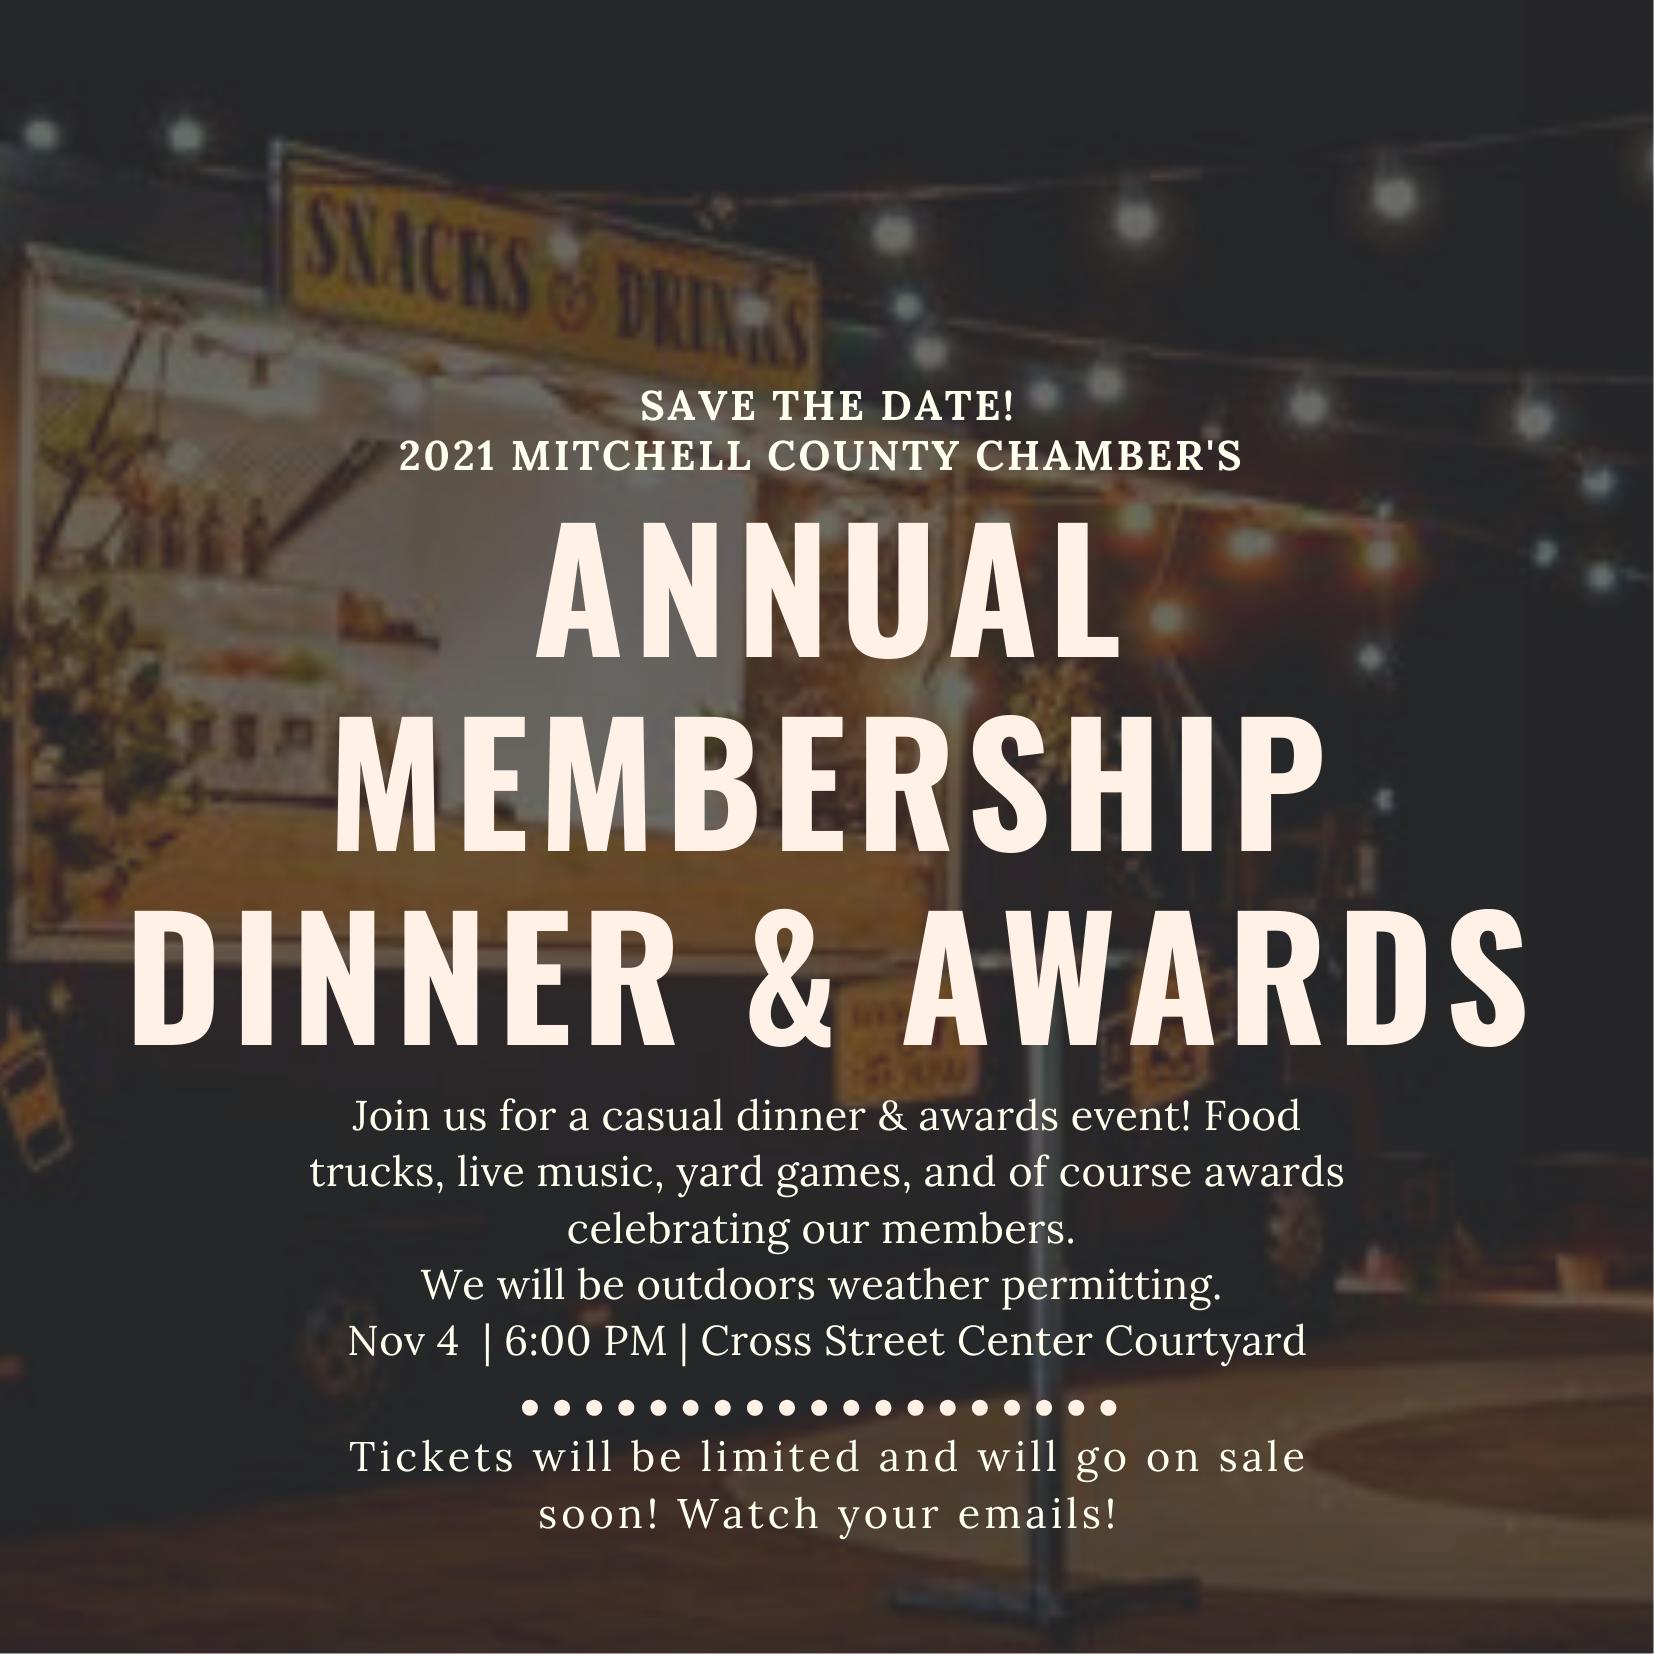 Chamber Annual Dinner & Awards Returns for 2021